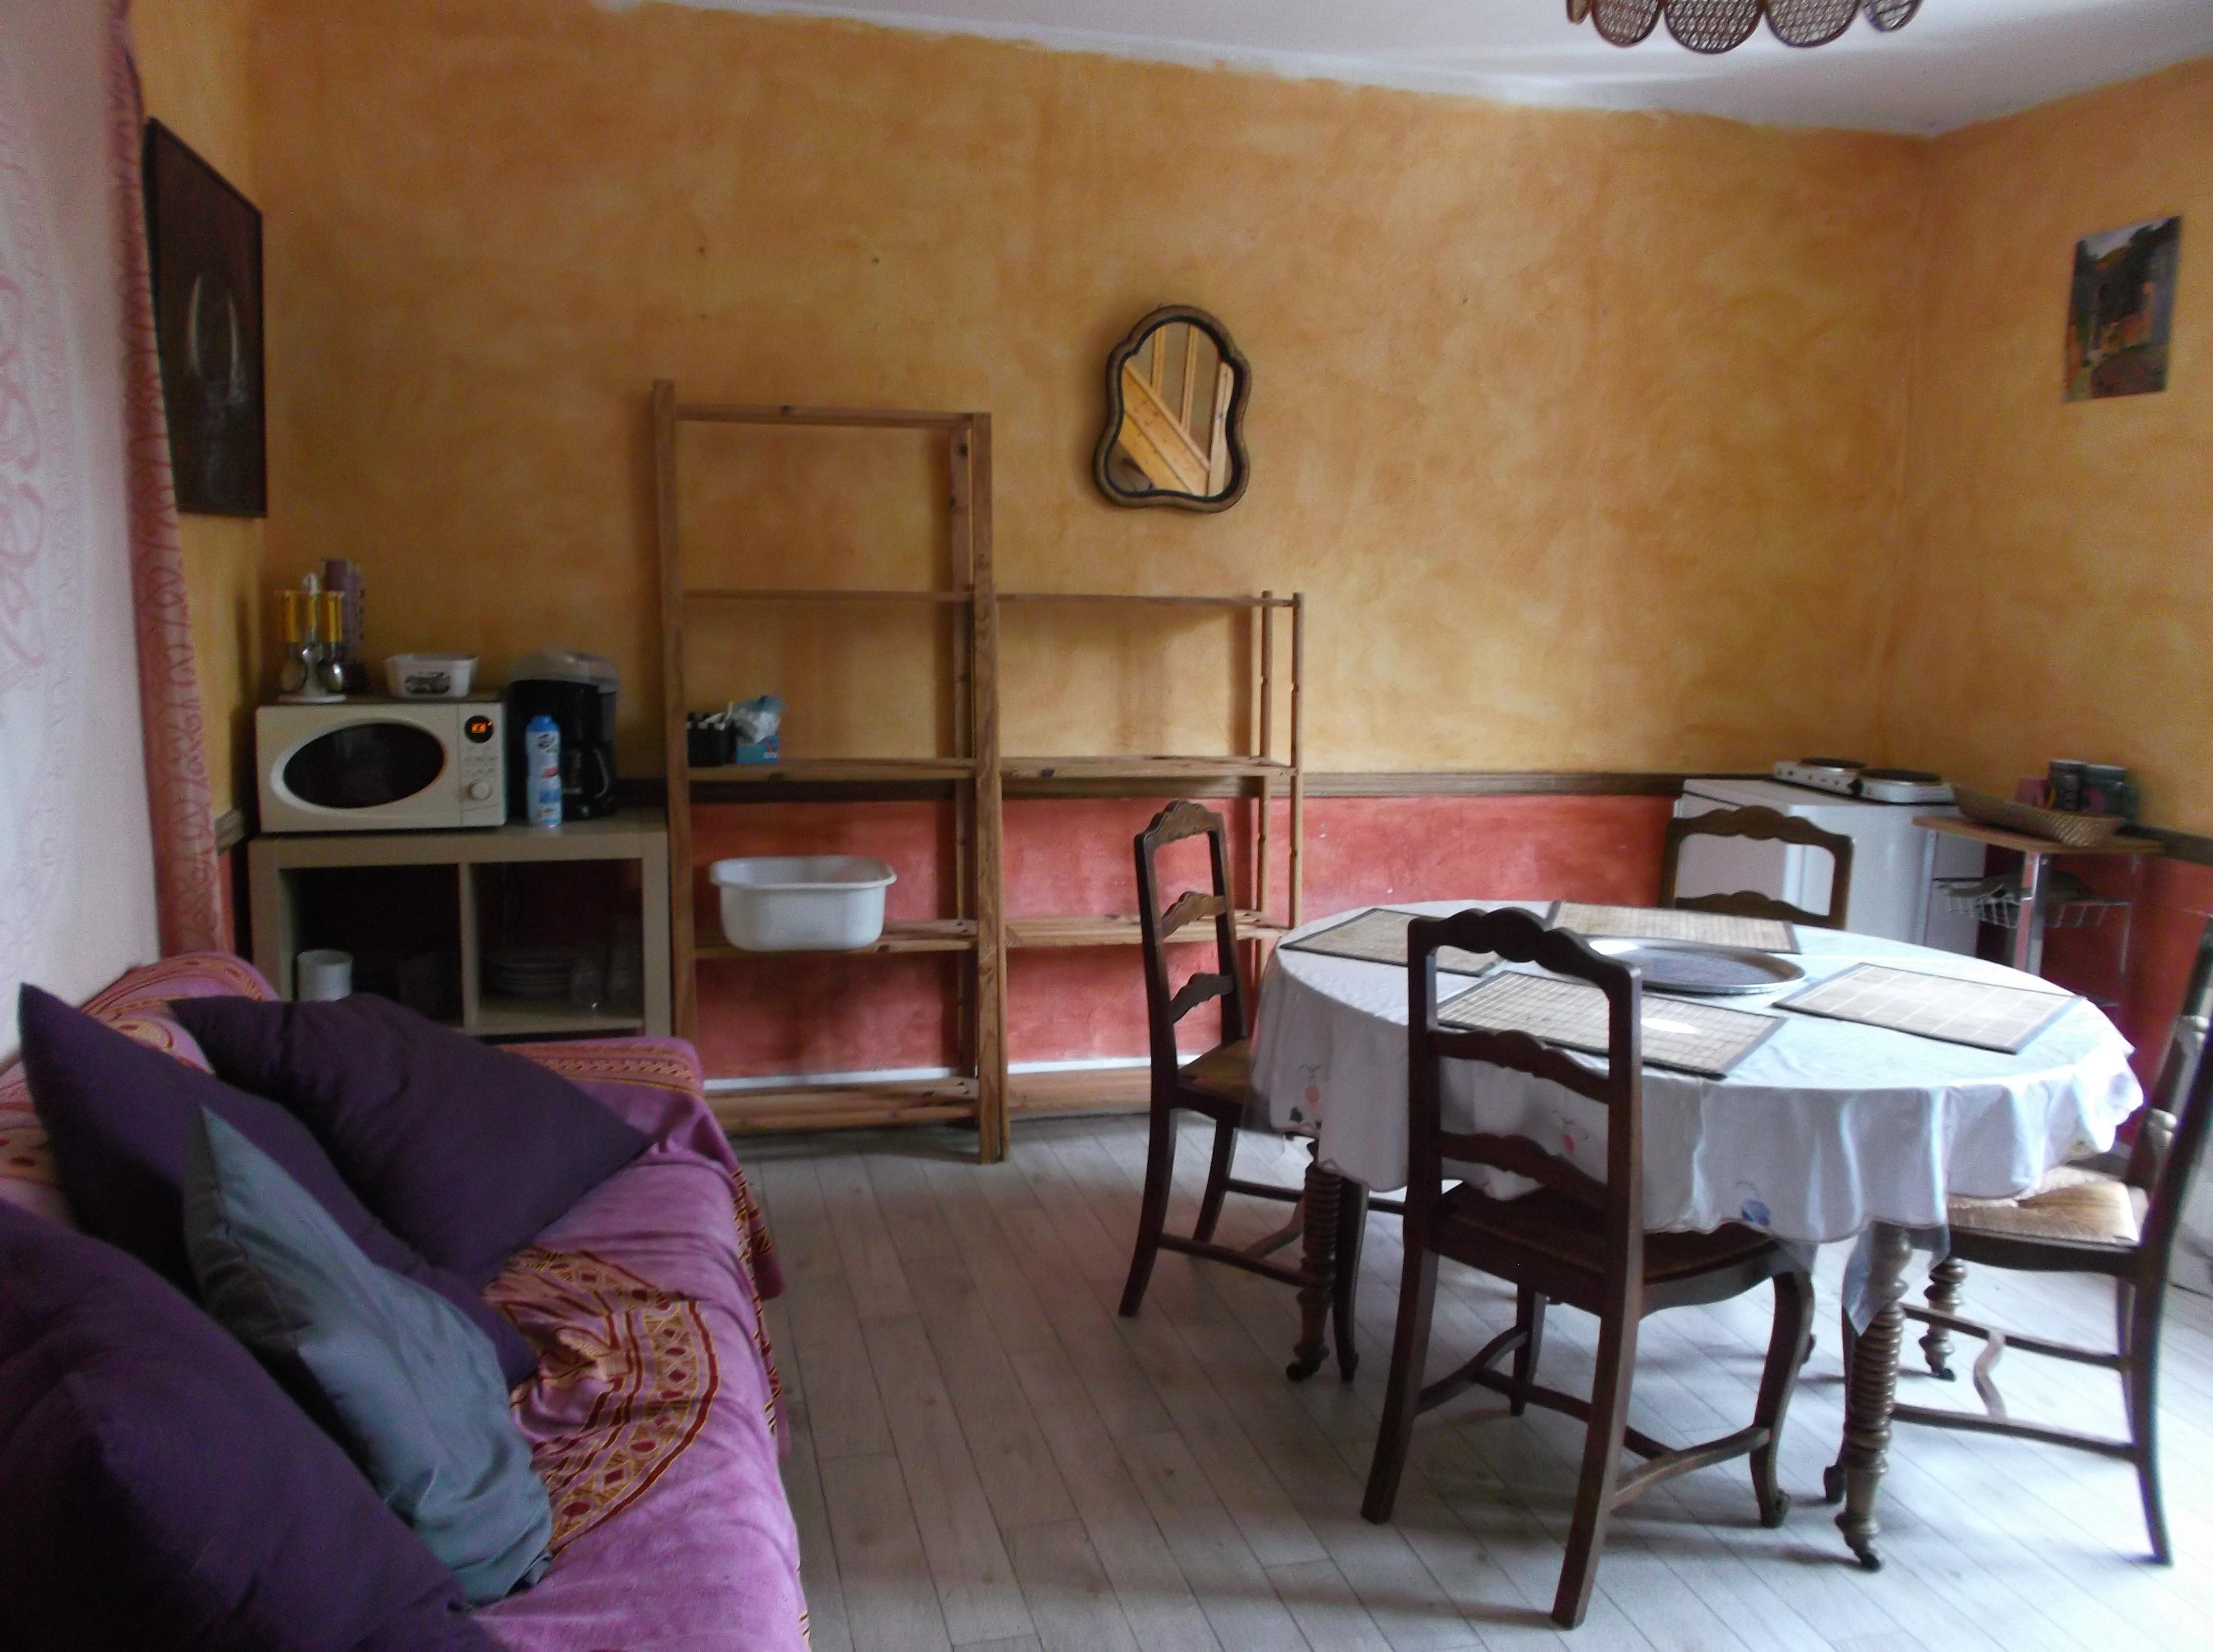 Chambre chez l habitant louer coutances - Contrat location chambre chez l habitant ...